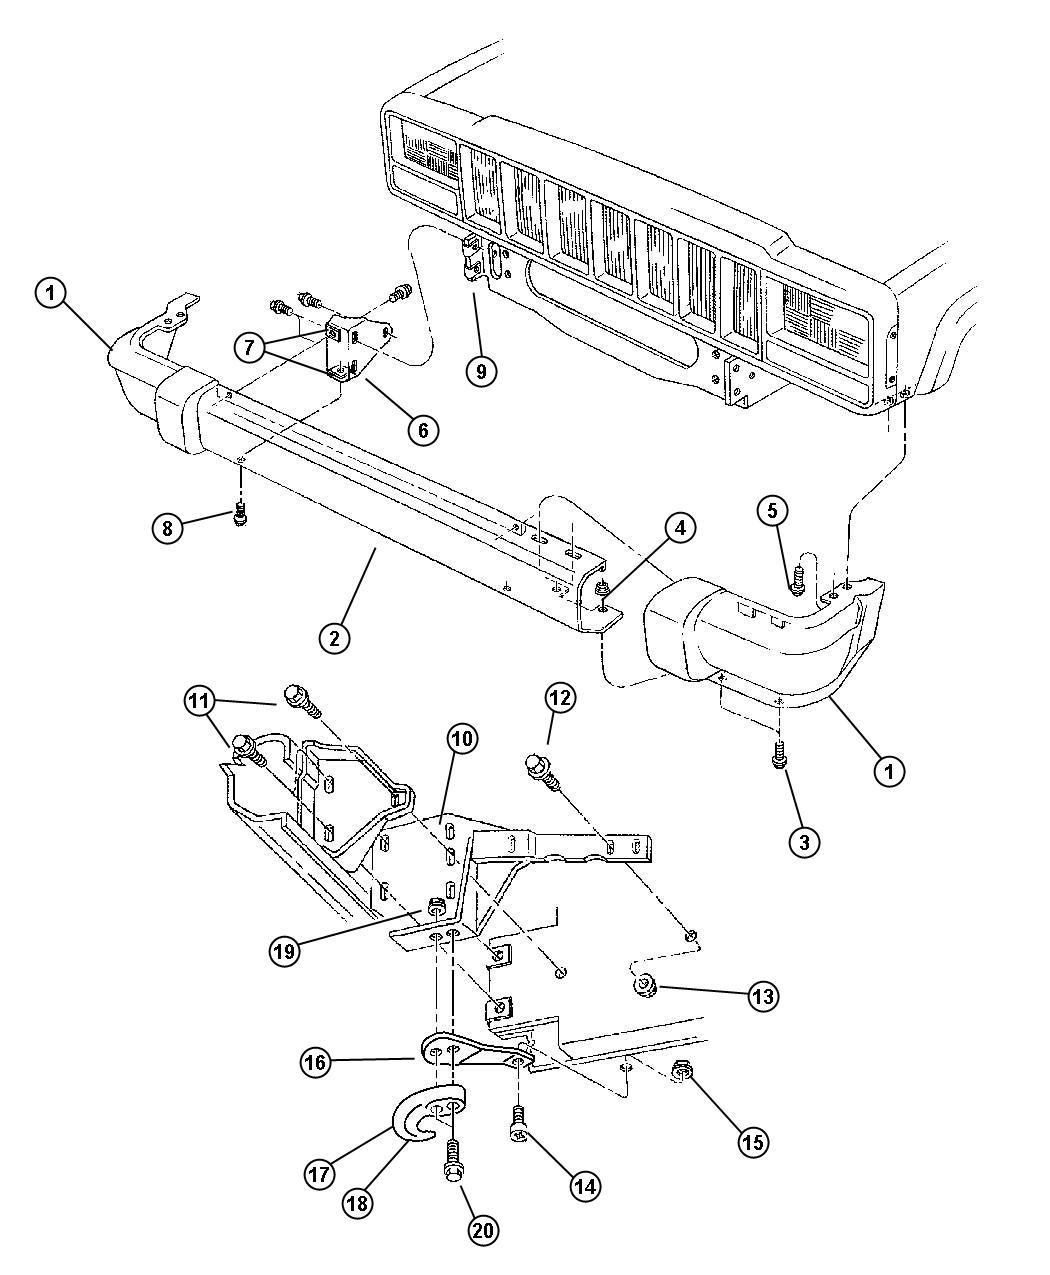 5ee85s3xad - jeep bar  bumper front